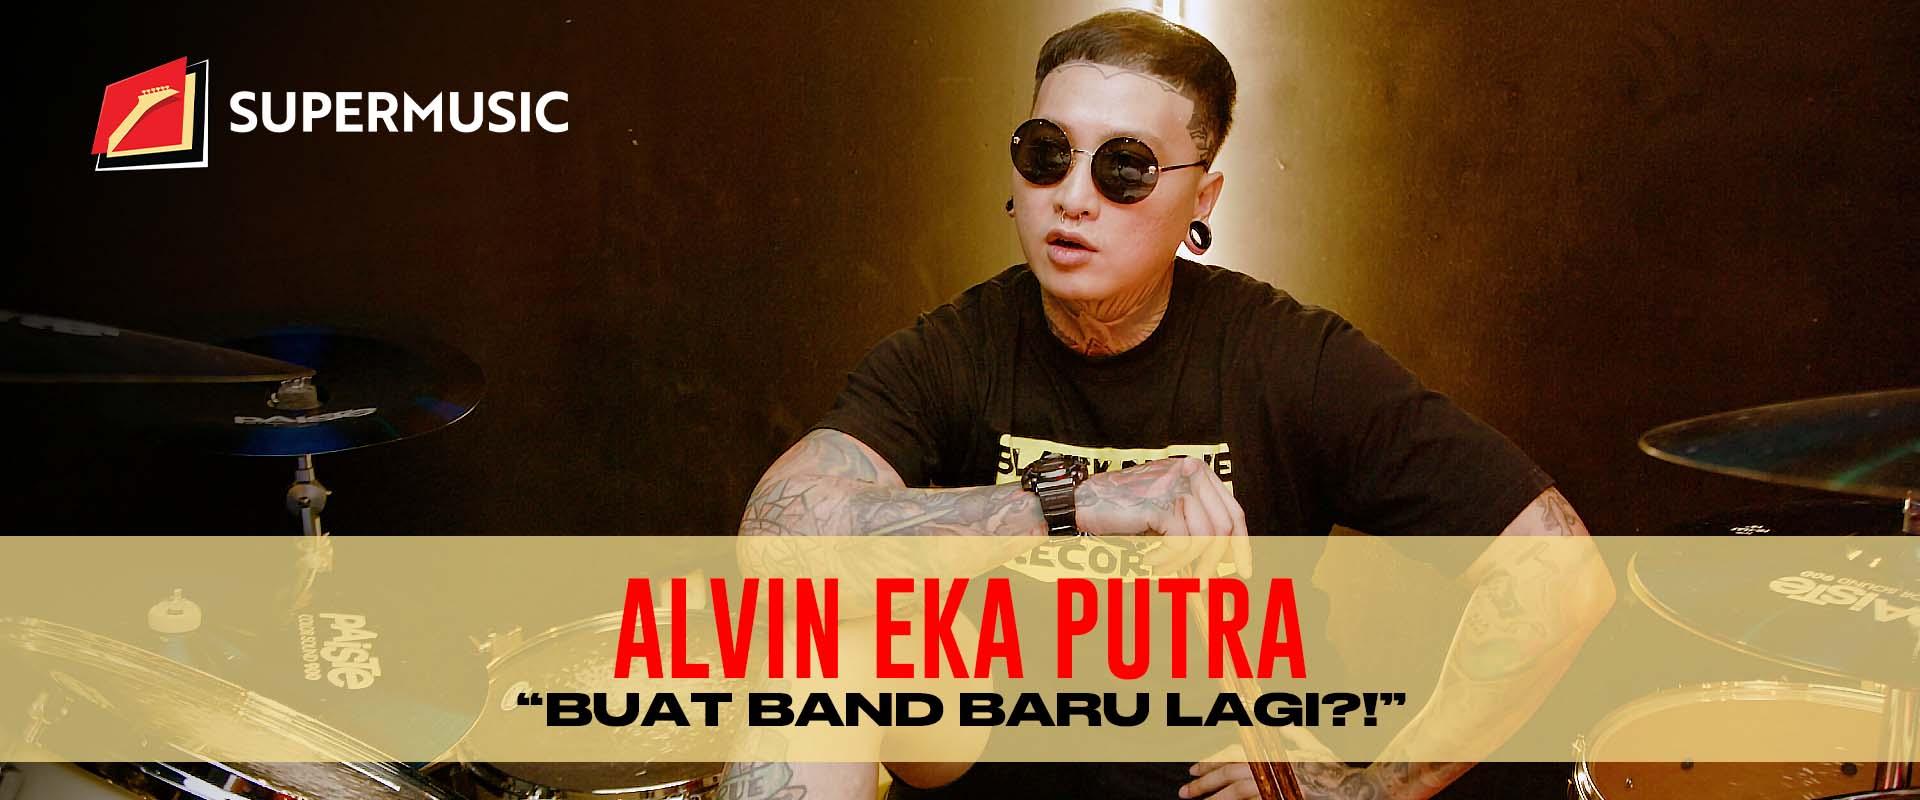 Alvin Eka Putra